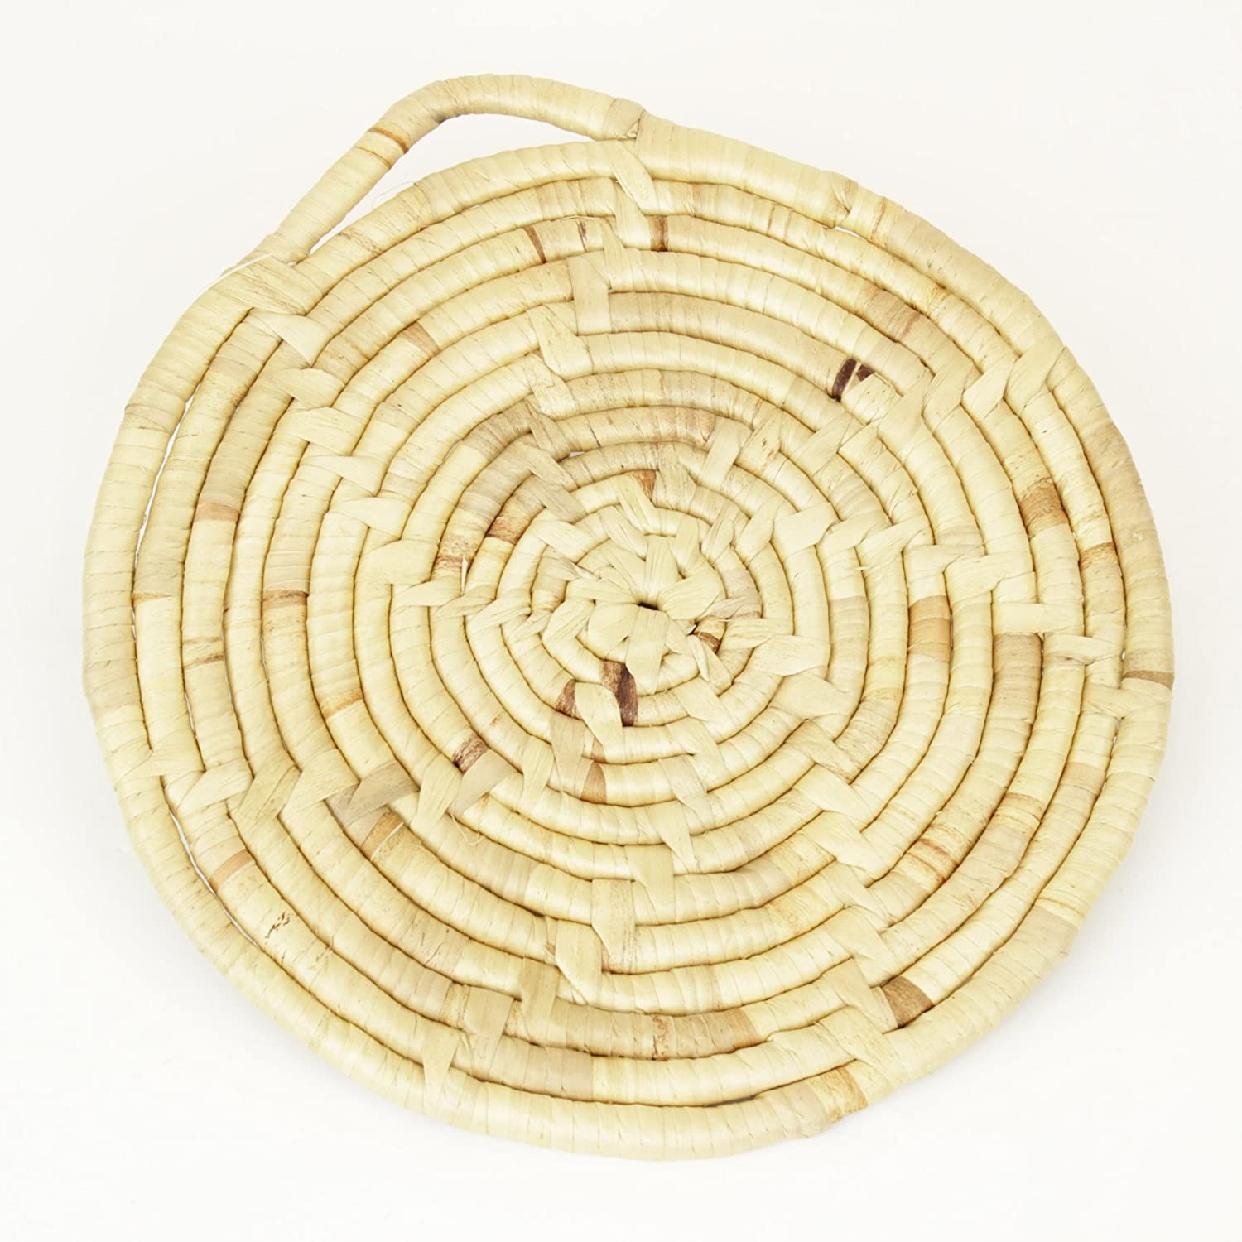 松野屋 水草鍋敷き大 ナチュラル 20-1337の商品画像